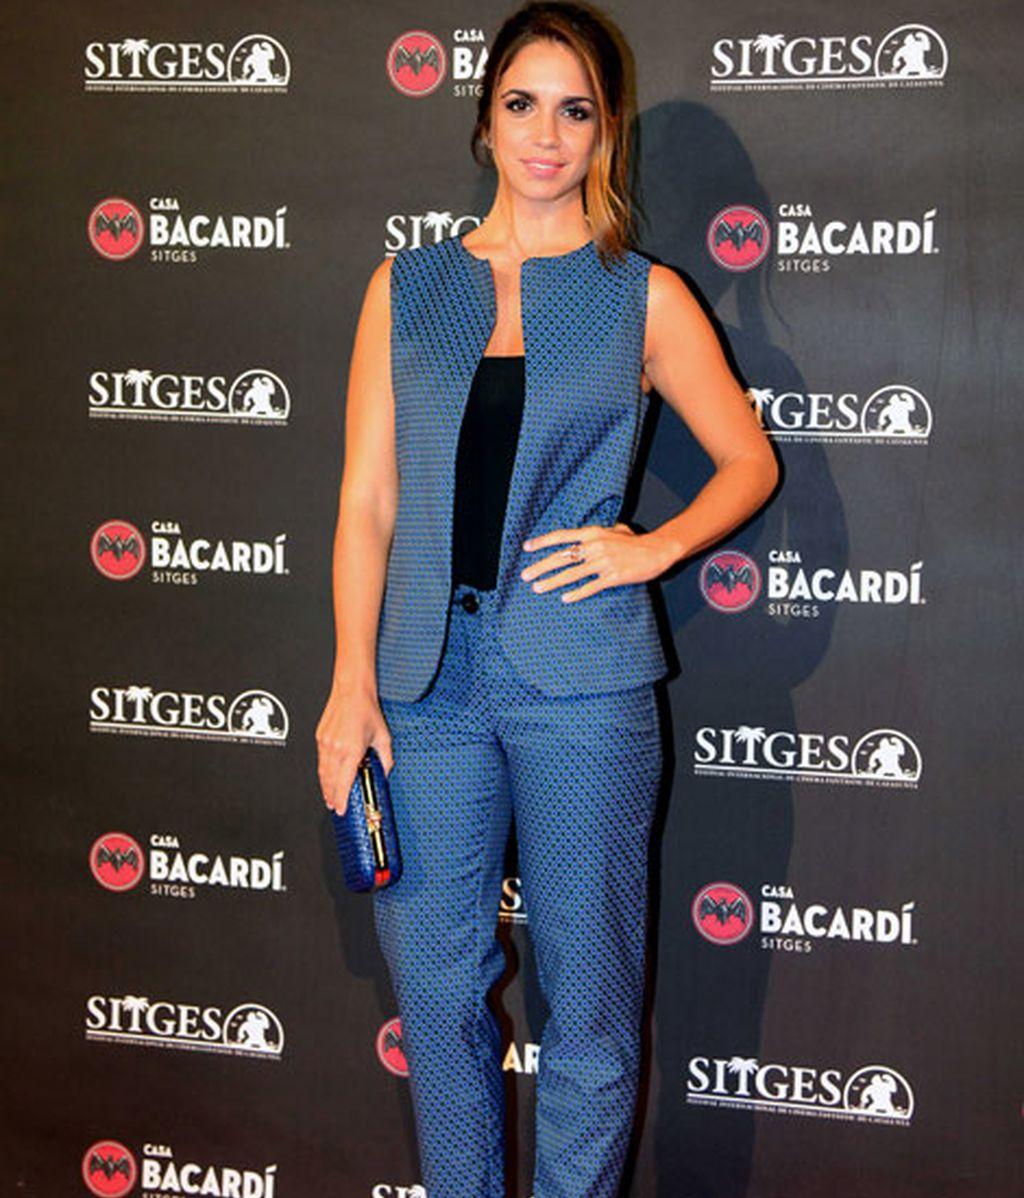 Elena Furiase con un 'look' azul y negro